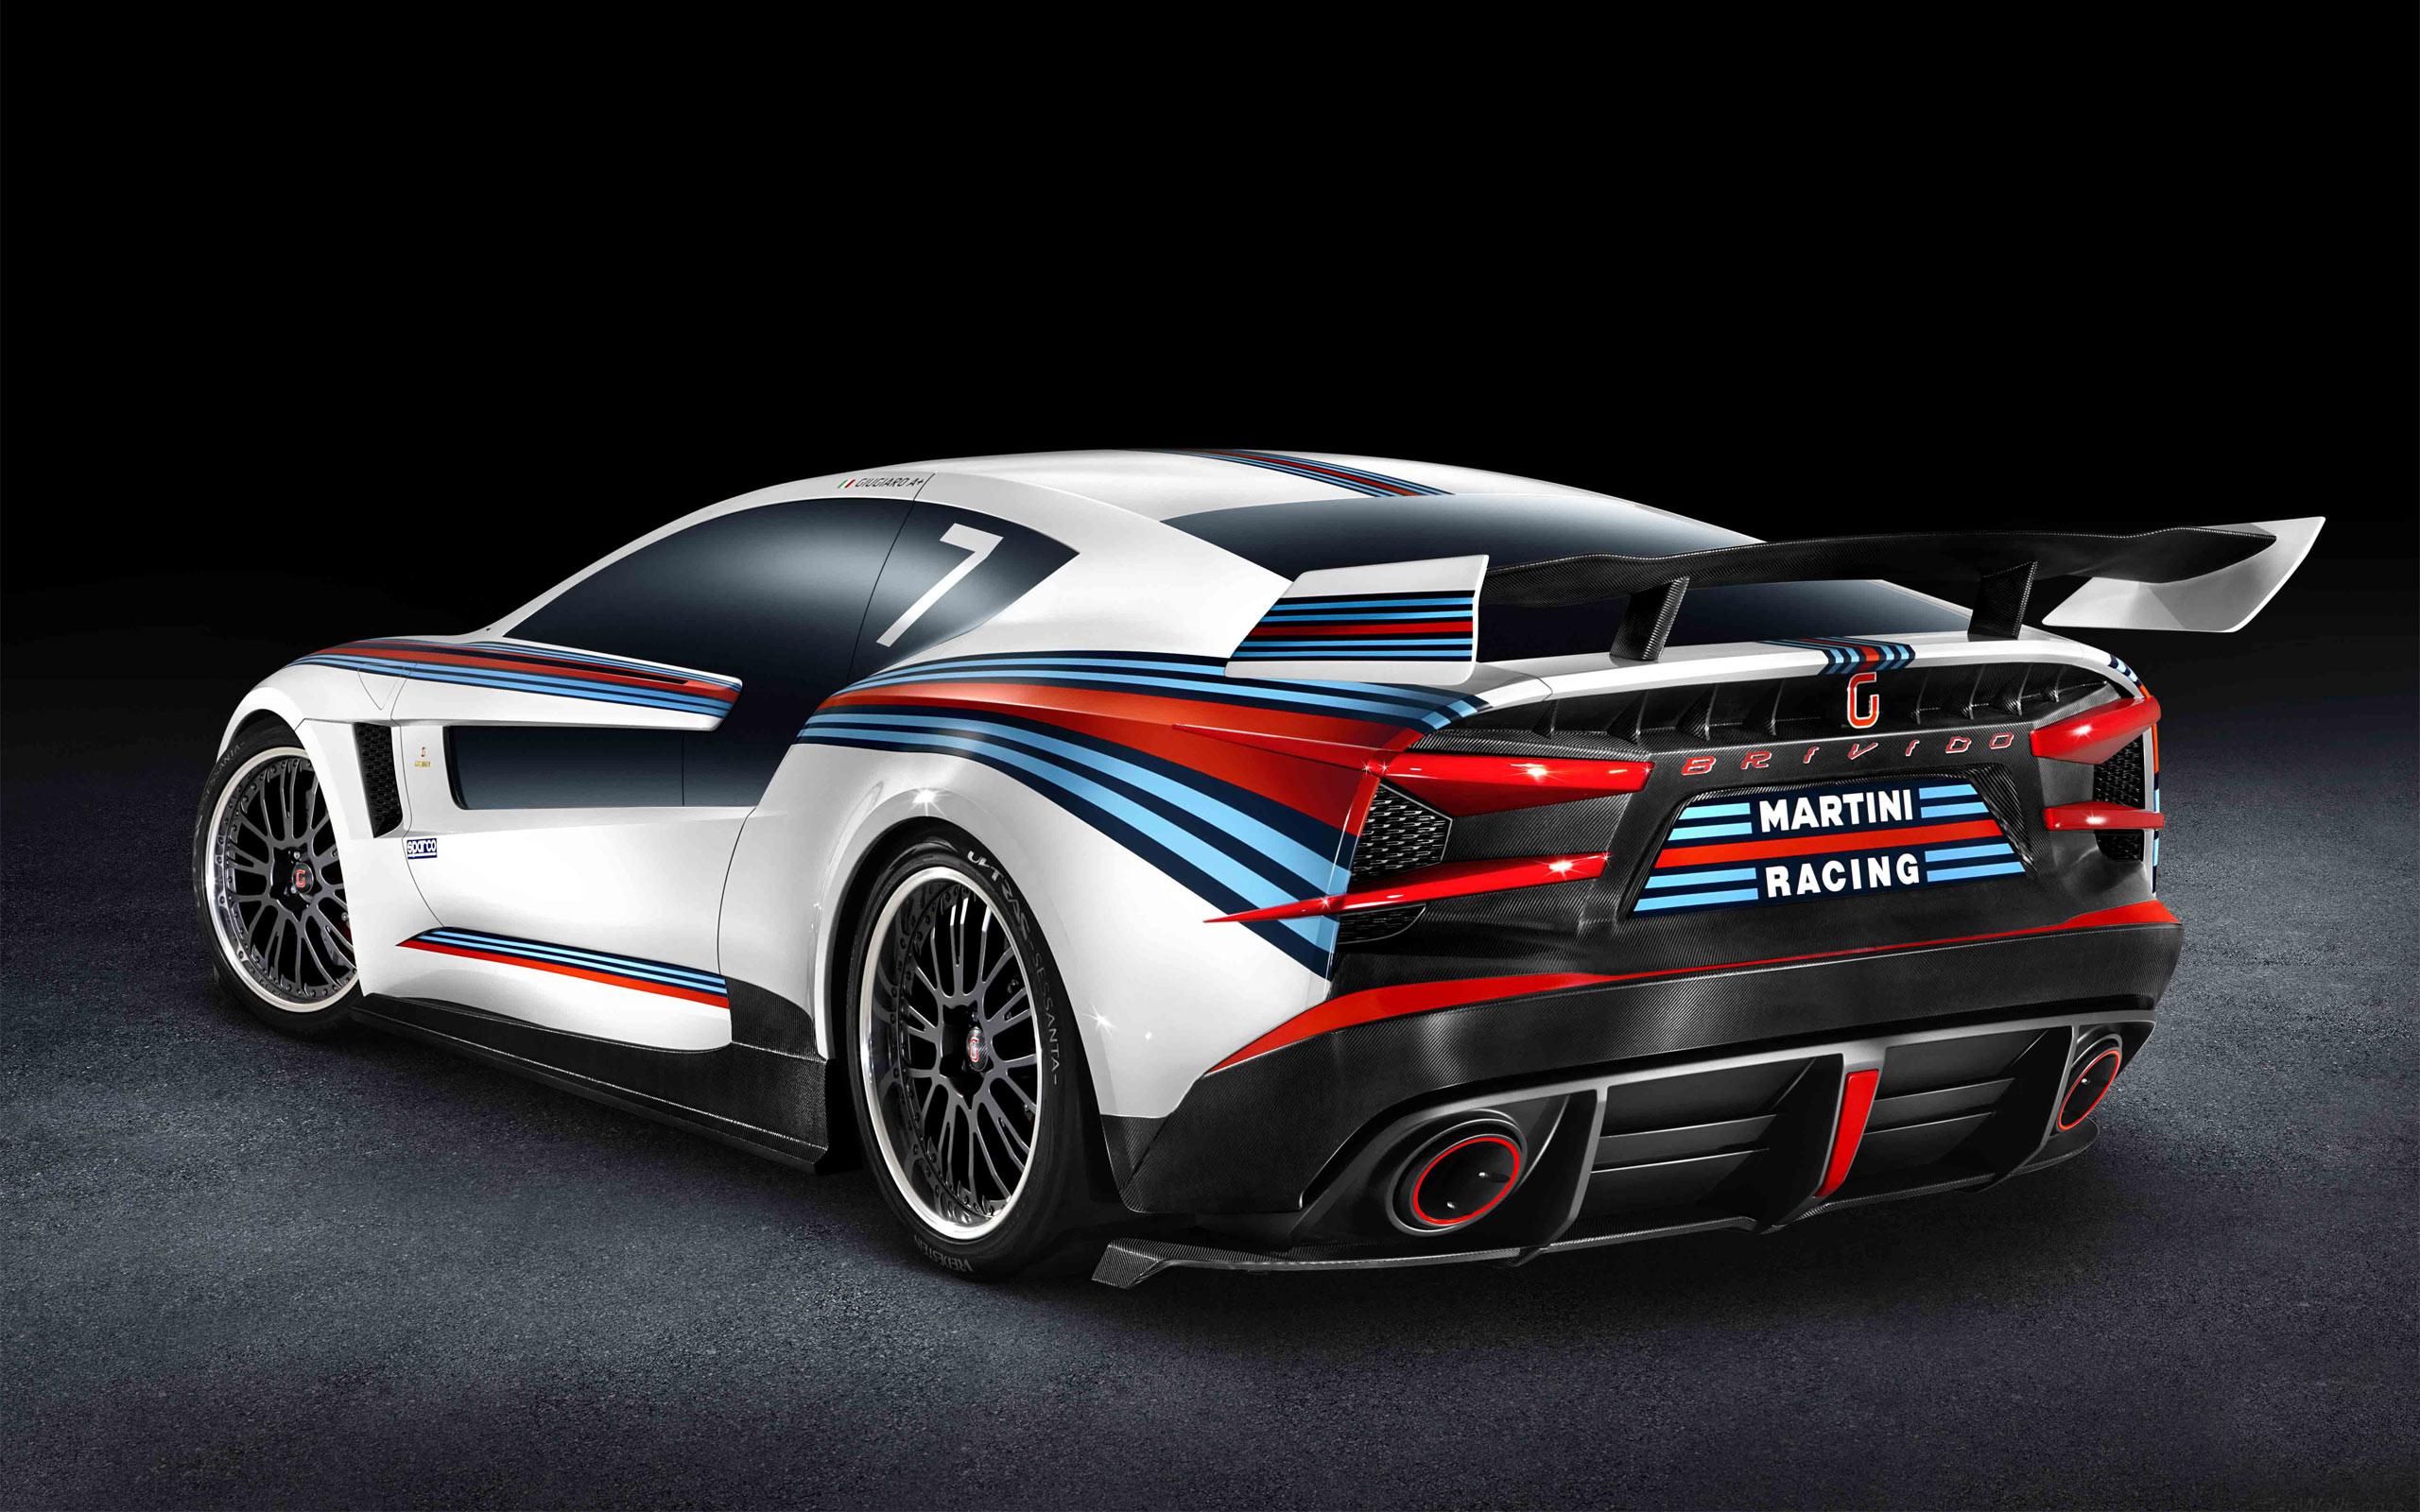 Italdesign Brivido Martini Racing 2 Wallpaper HD Car Wallpapers 2560x1600